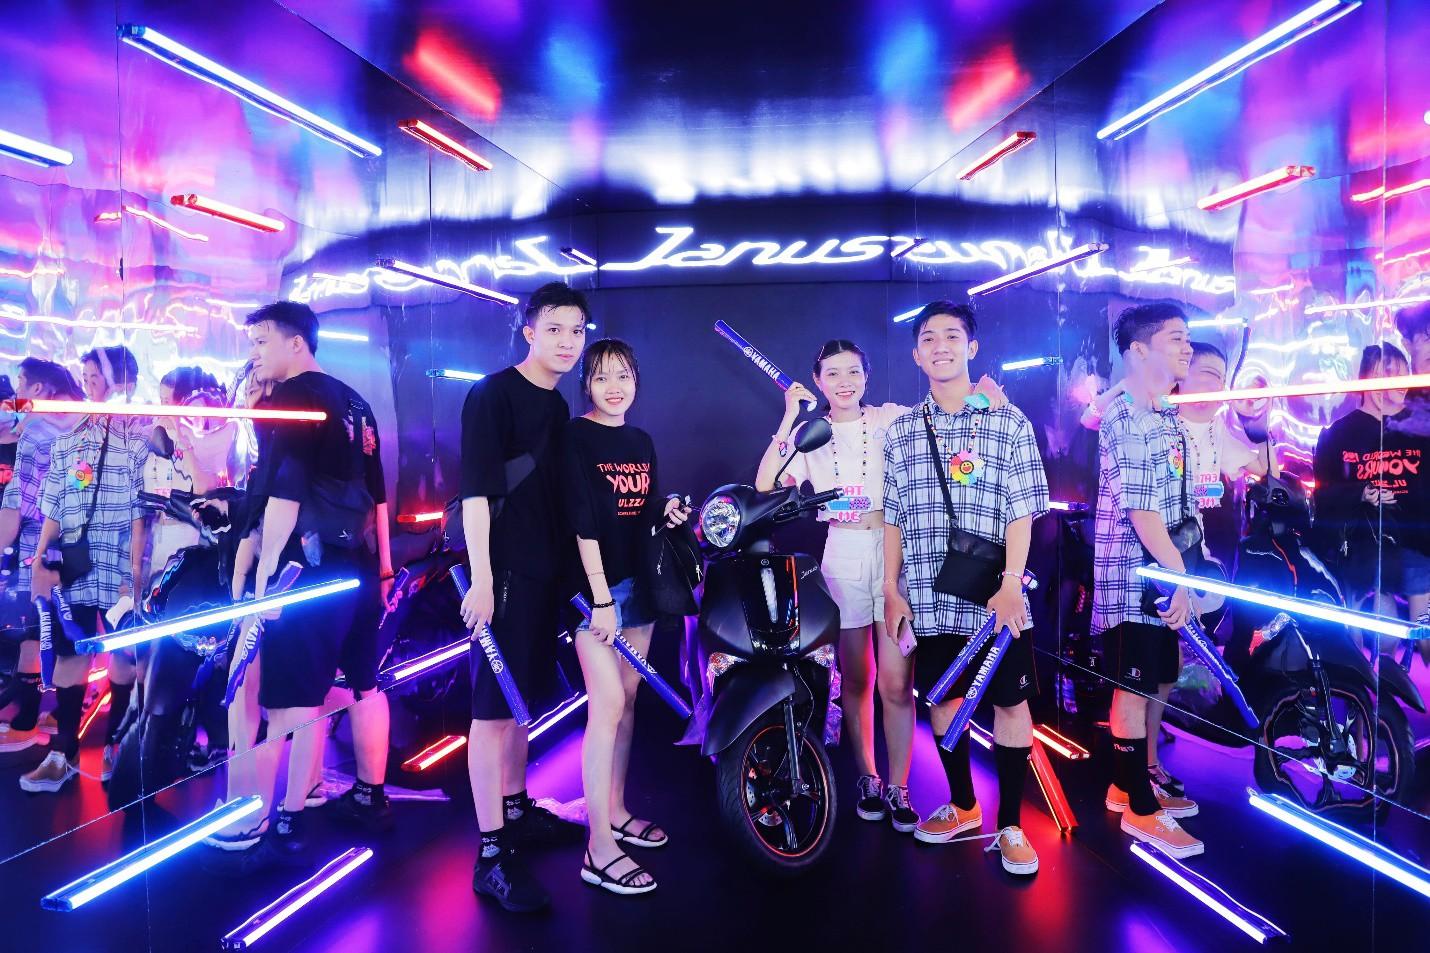 """DJ Minh Trí, Huy DX cùng 4 phù thủy EDM hàng đầu thế giới """"quẩy tung"""" đại hội âm nhạc tại Sài Gòn - Ảnh 7."""